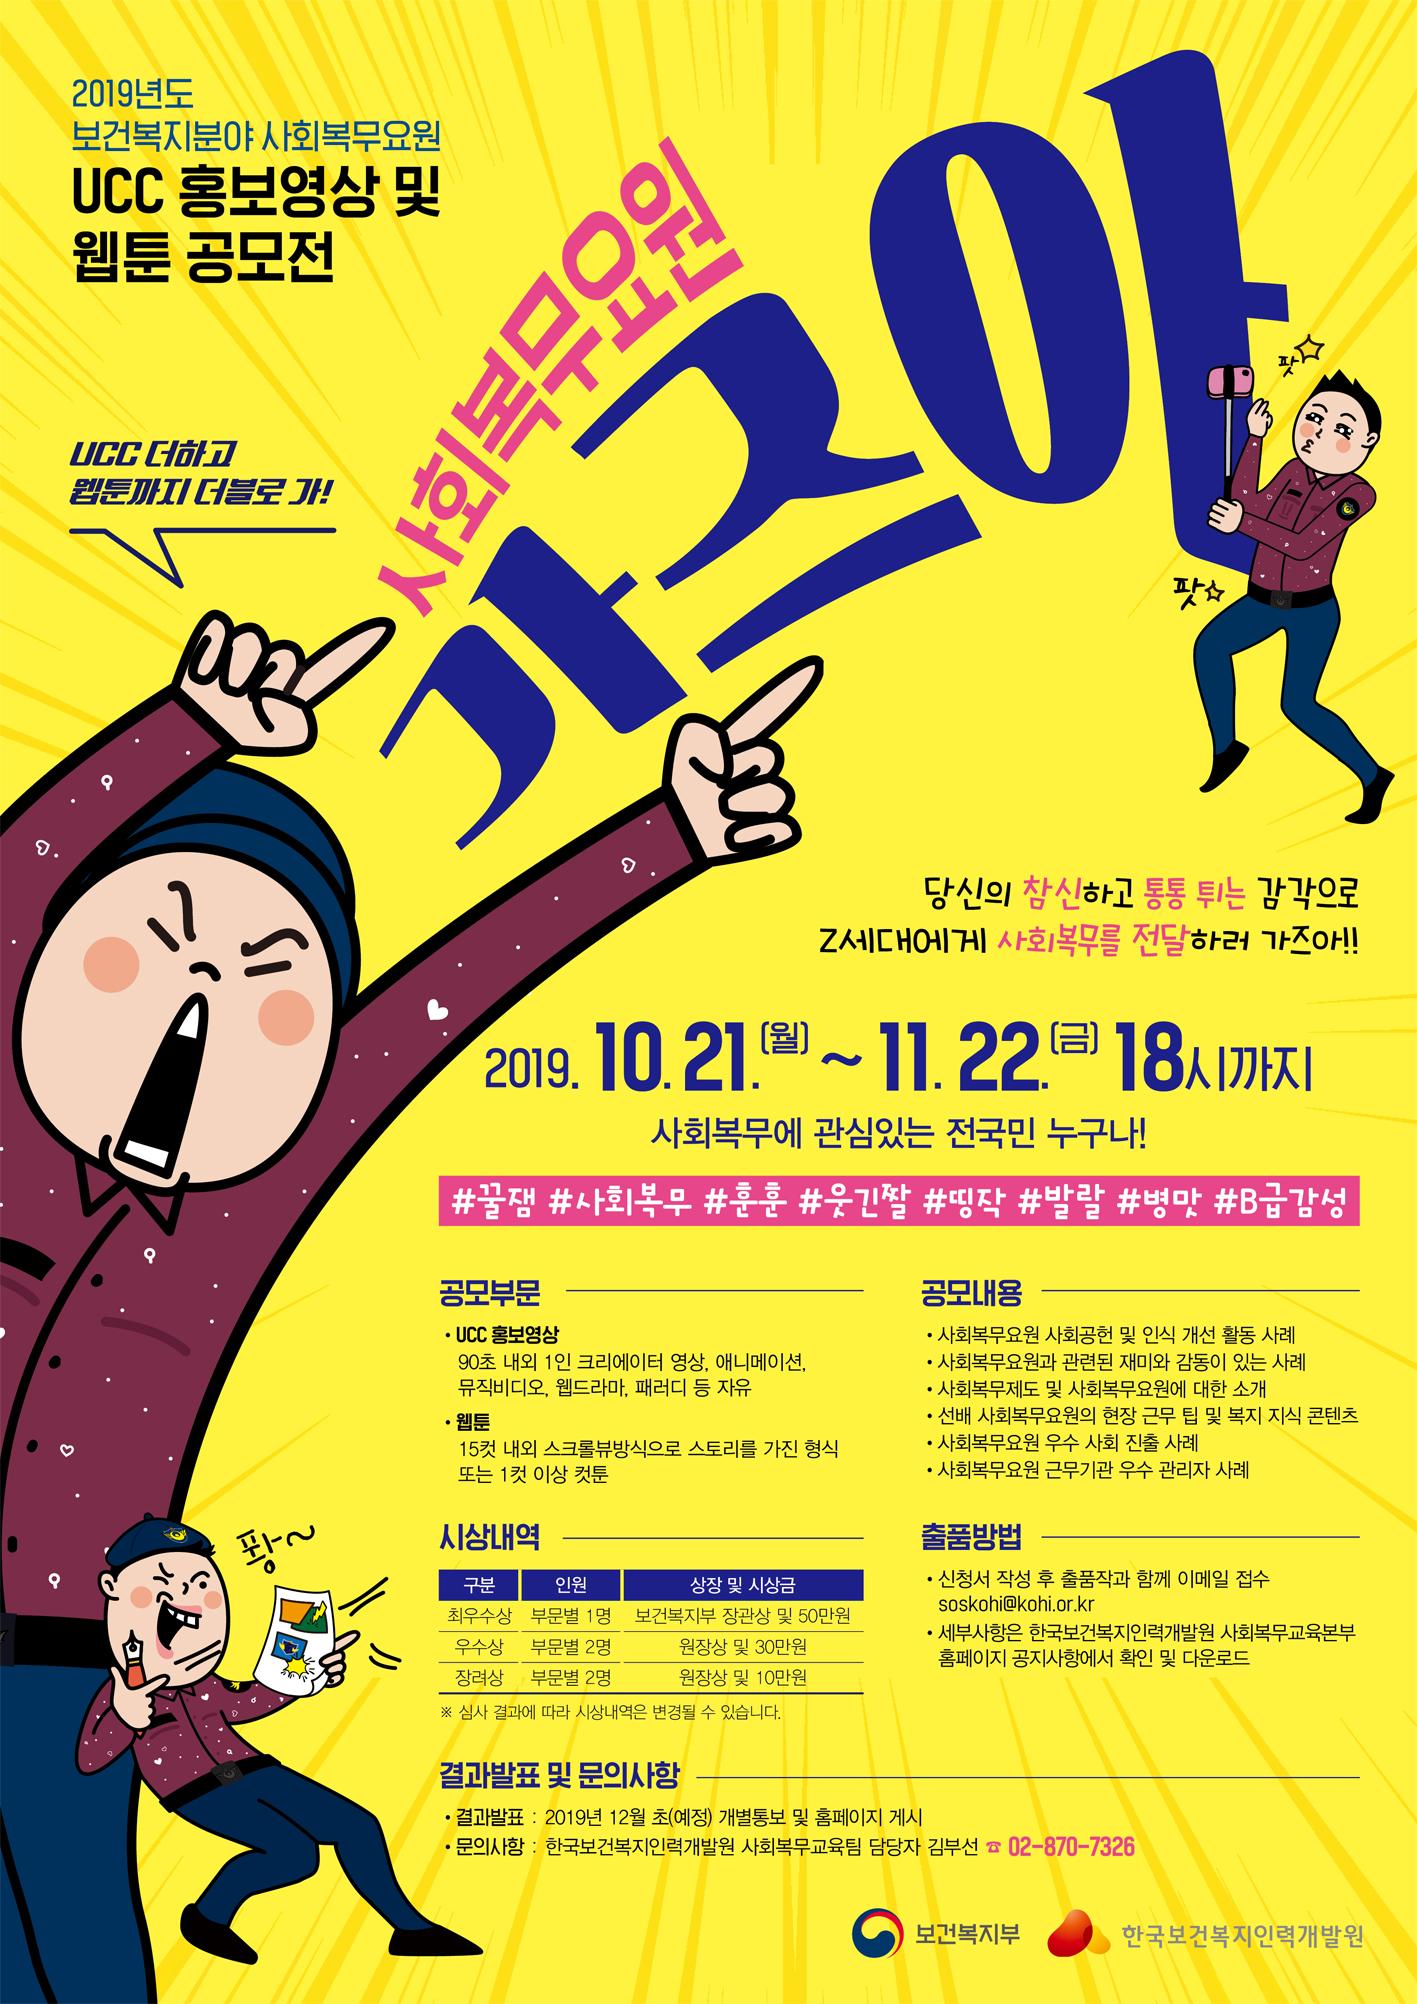 붙임3. '19년 보건복지분야 사회복무요원 UCC 홍보영상 및 웹툰 공모전 포스터.jpg